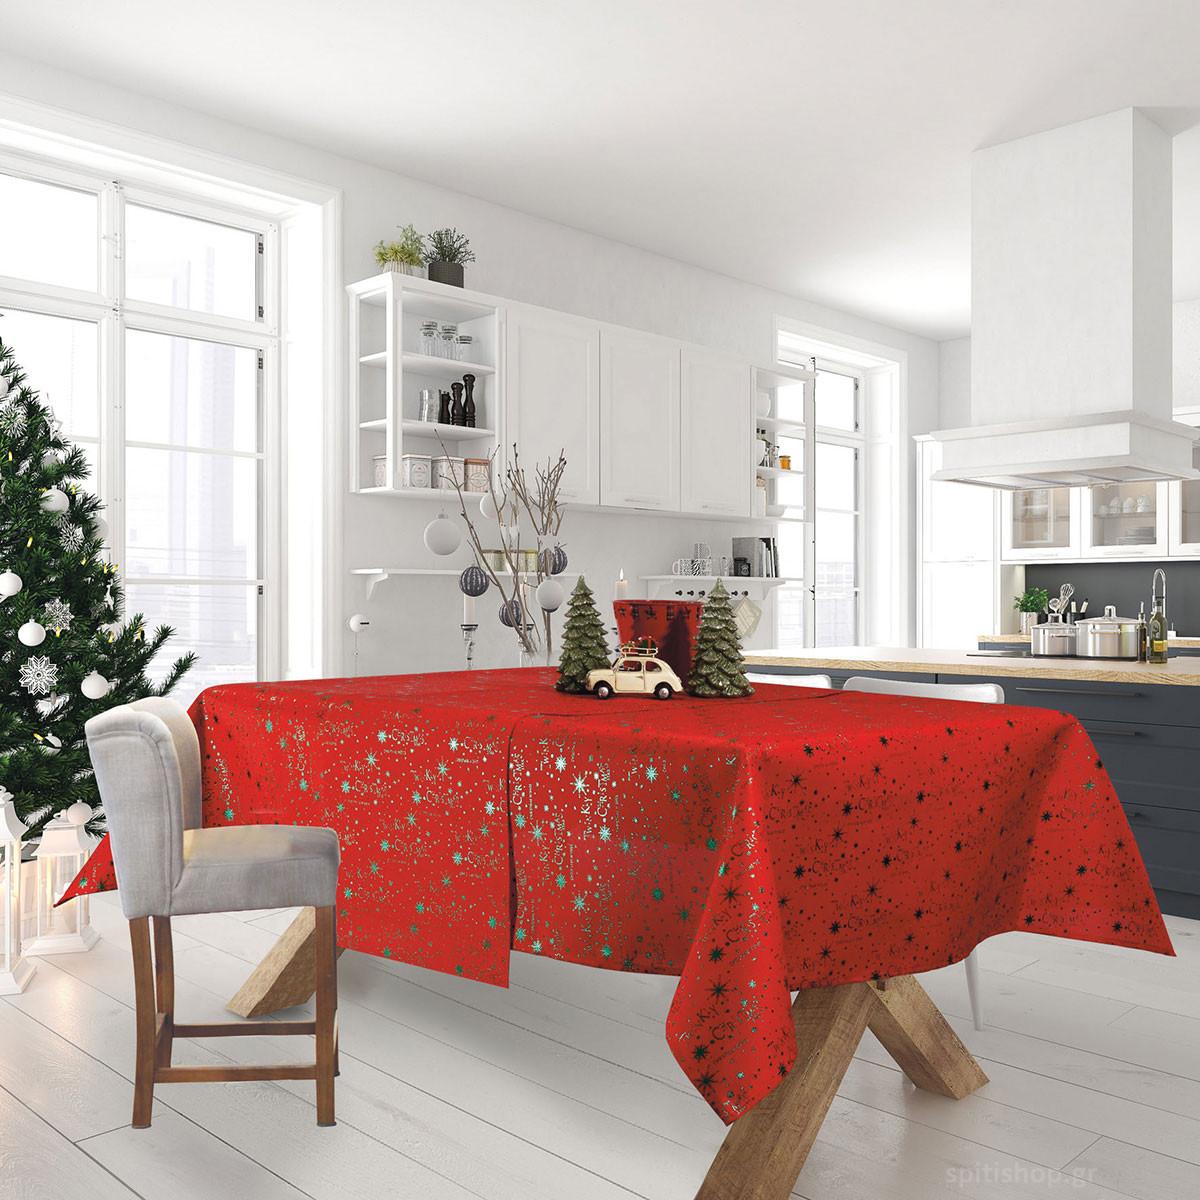 Χριστουγεννιάτικο Τραπεζομάντηλο (140×220) Das Home Xmas 574